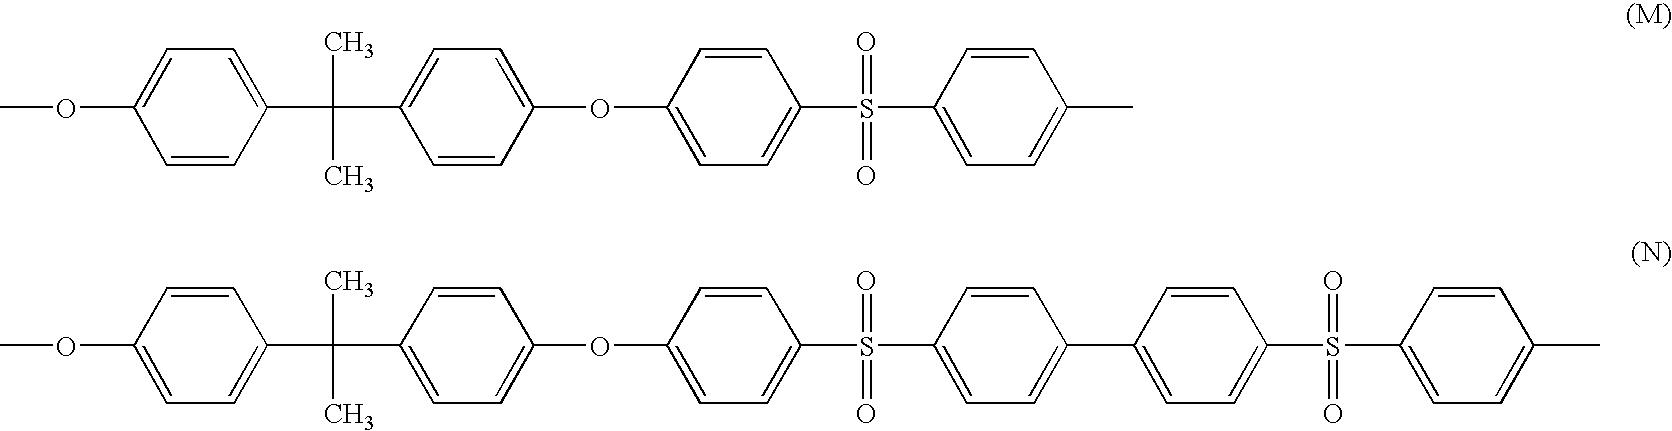 Figure US20100273957A1-20101028-C00037